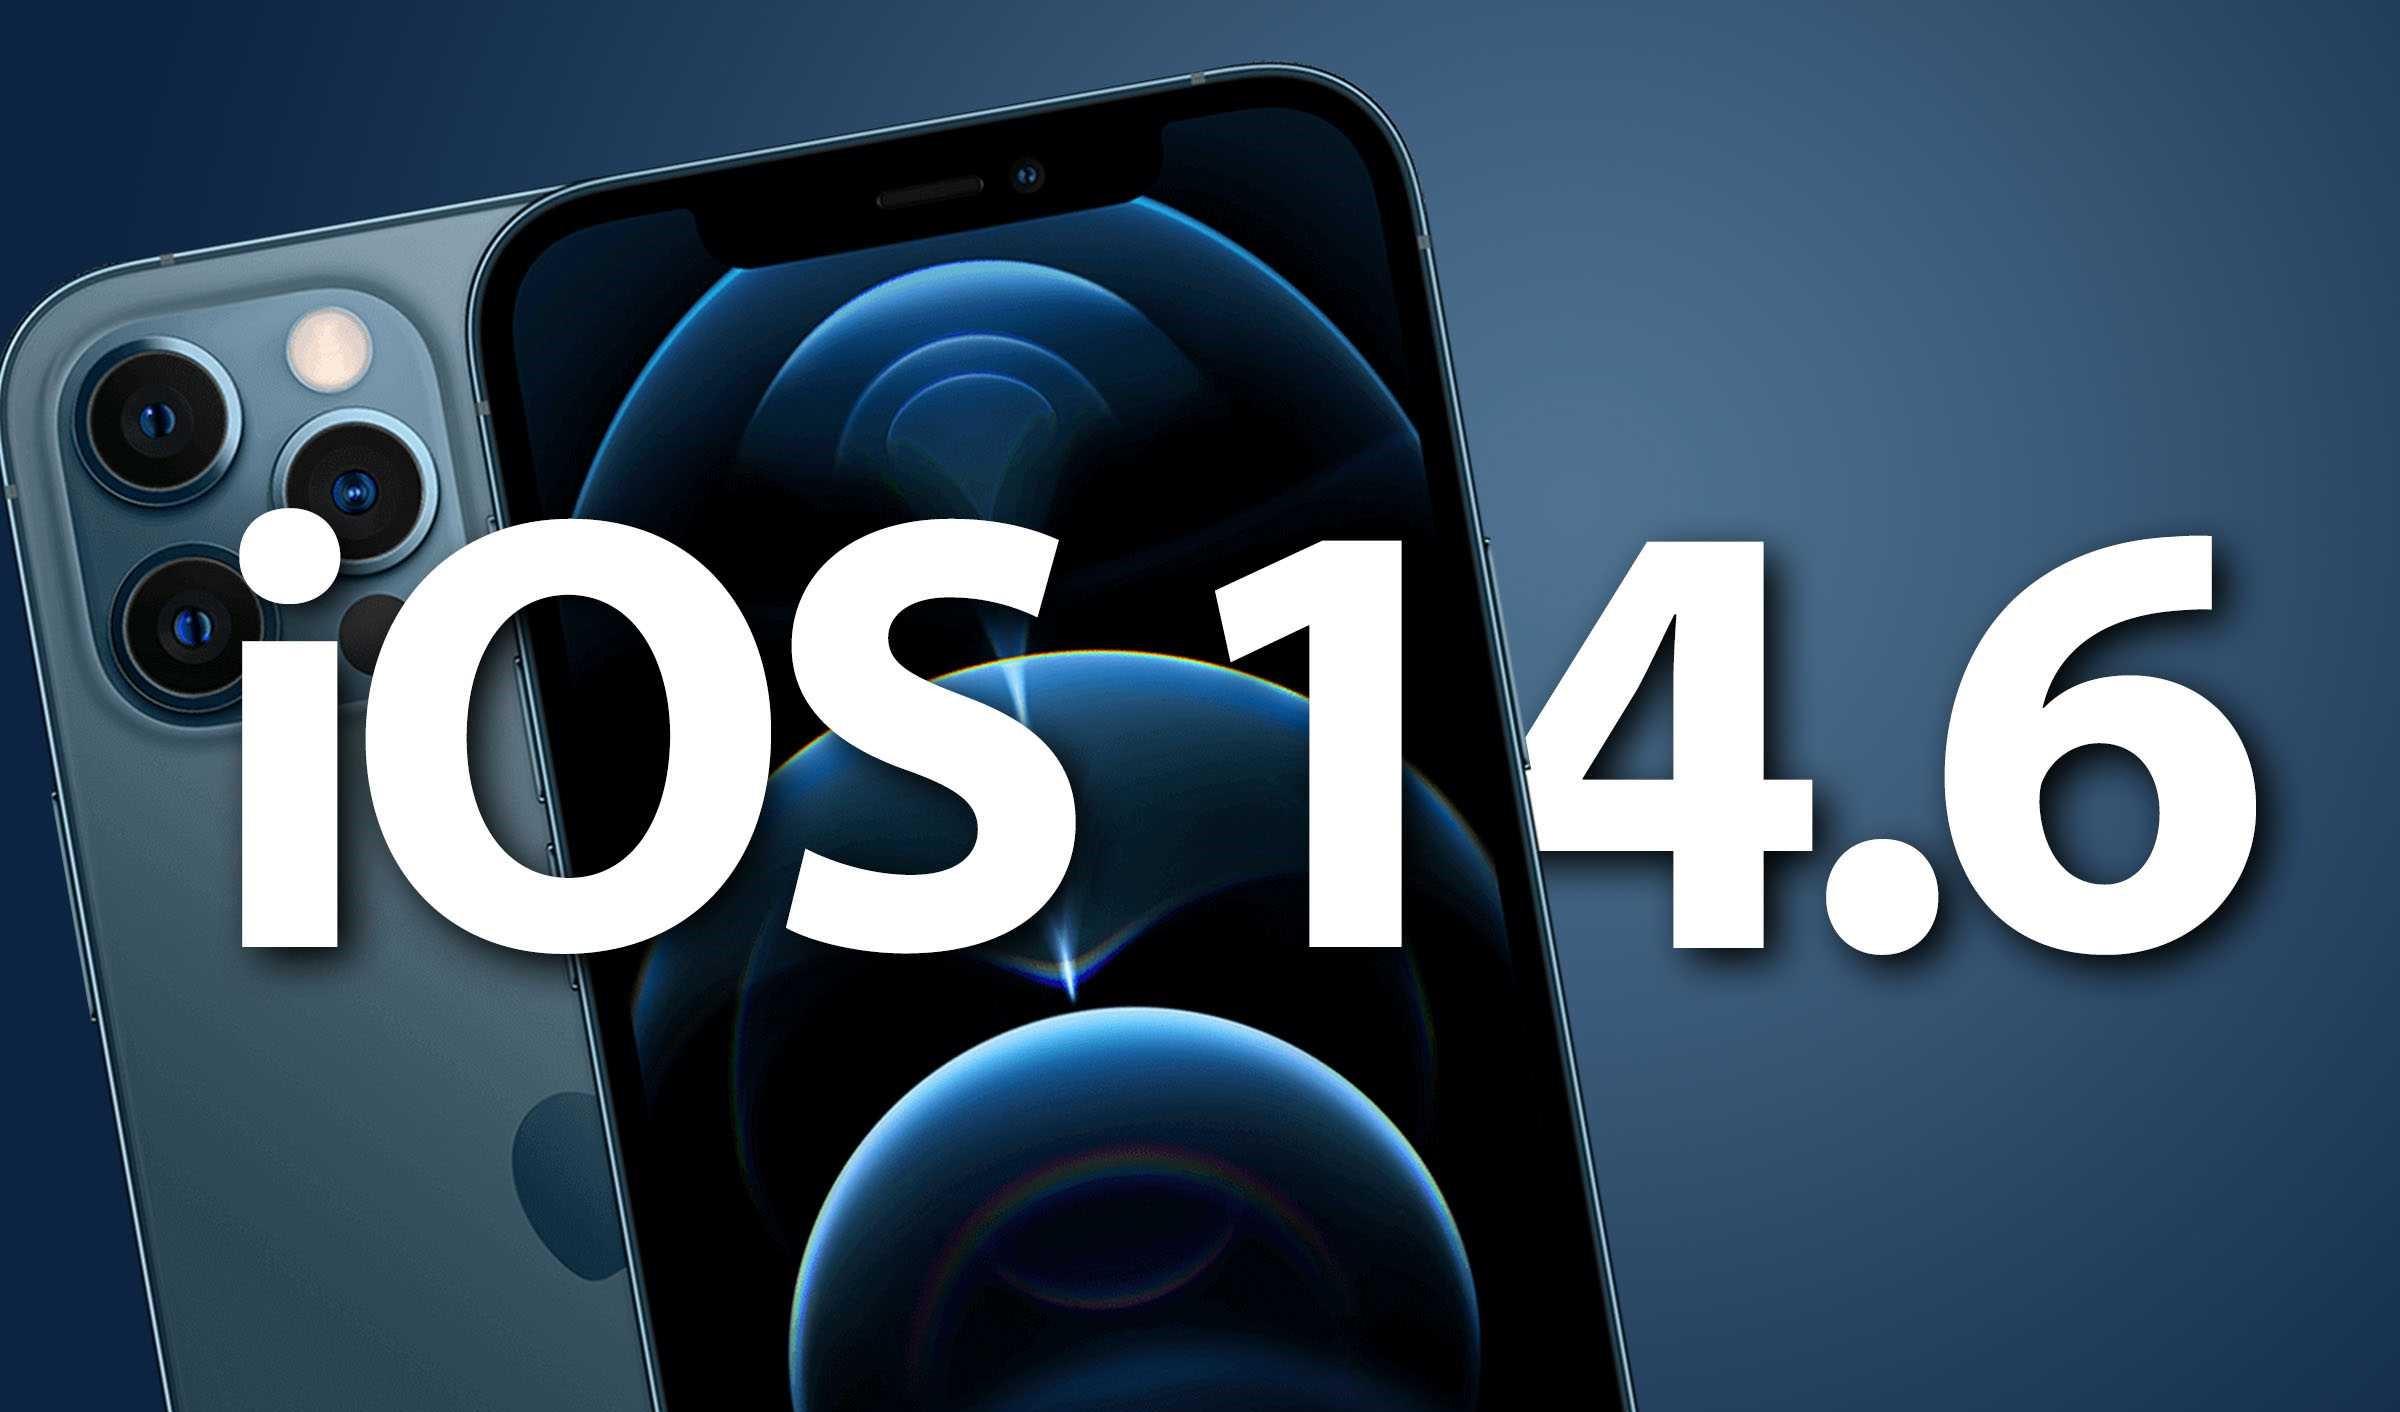 苹果用户更新升级iOS14.6耗电问题,对比iOS14.5电池续航结果